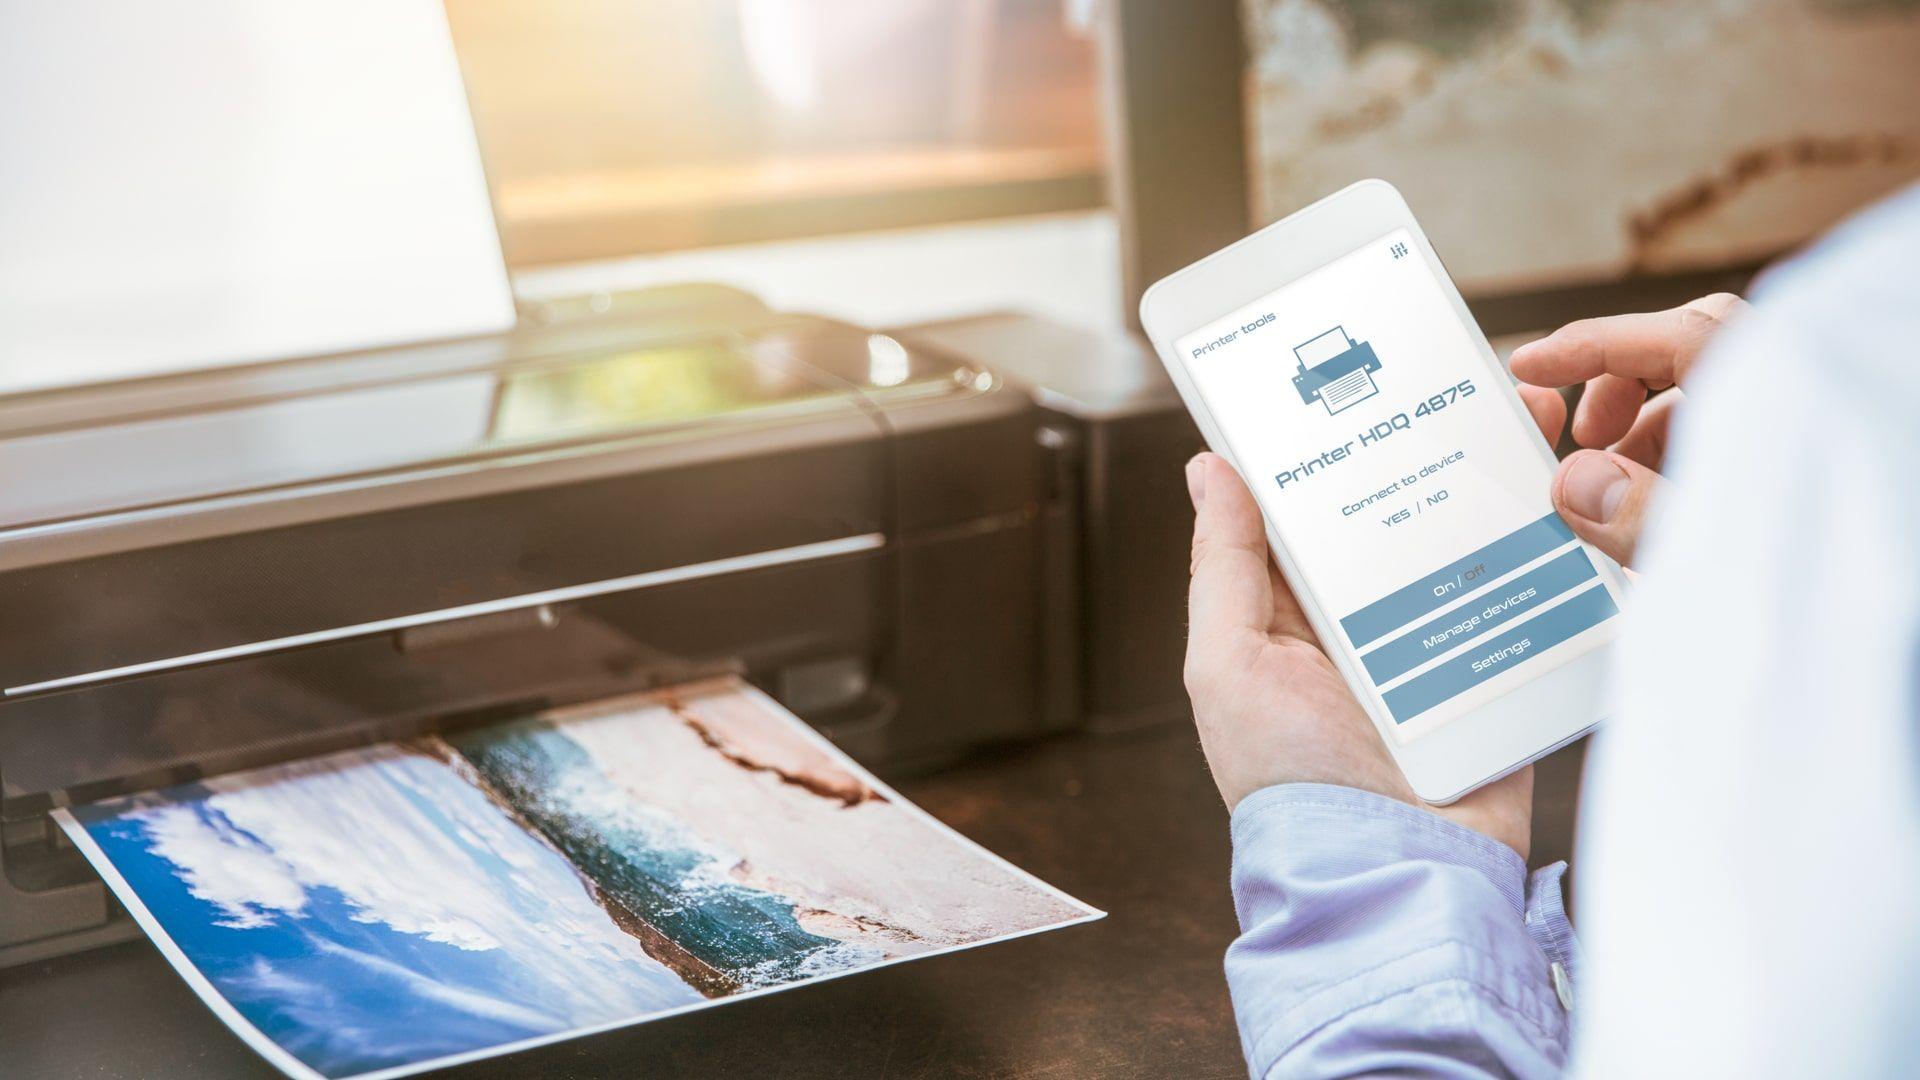 Como imprimir do celular para impressora: veja todas as dicas (Foto: Shutterstock)